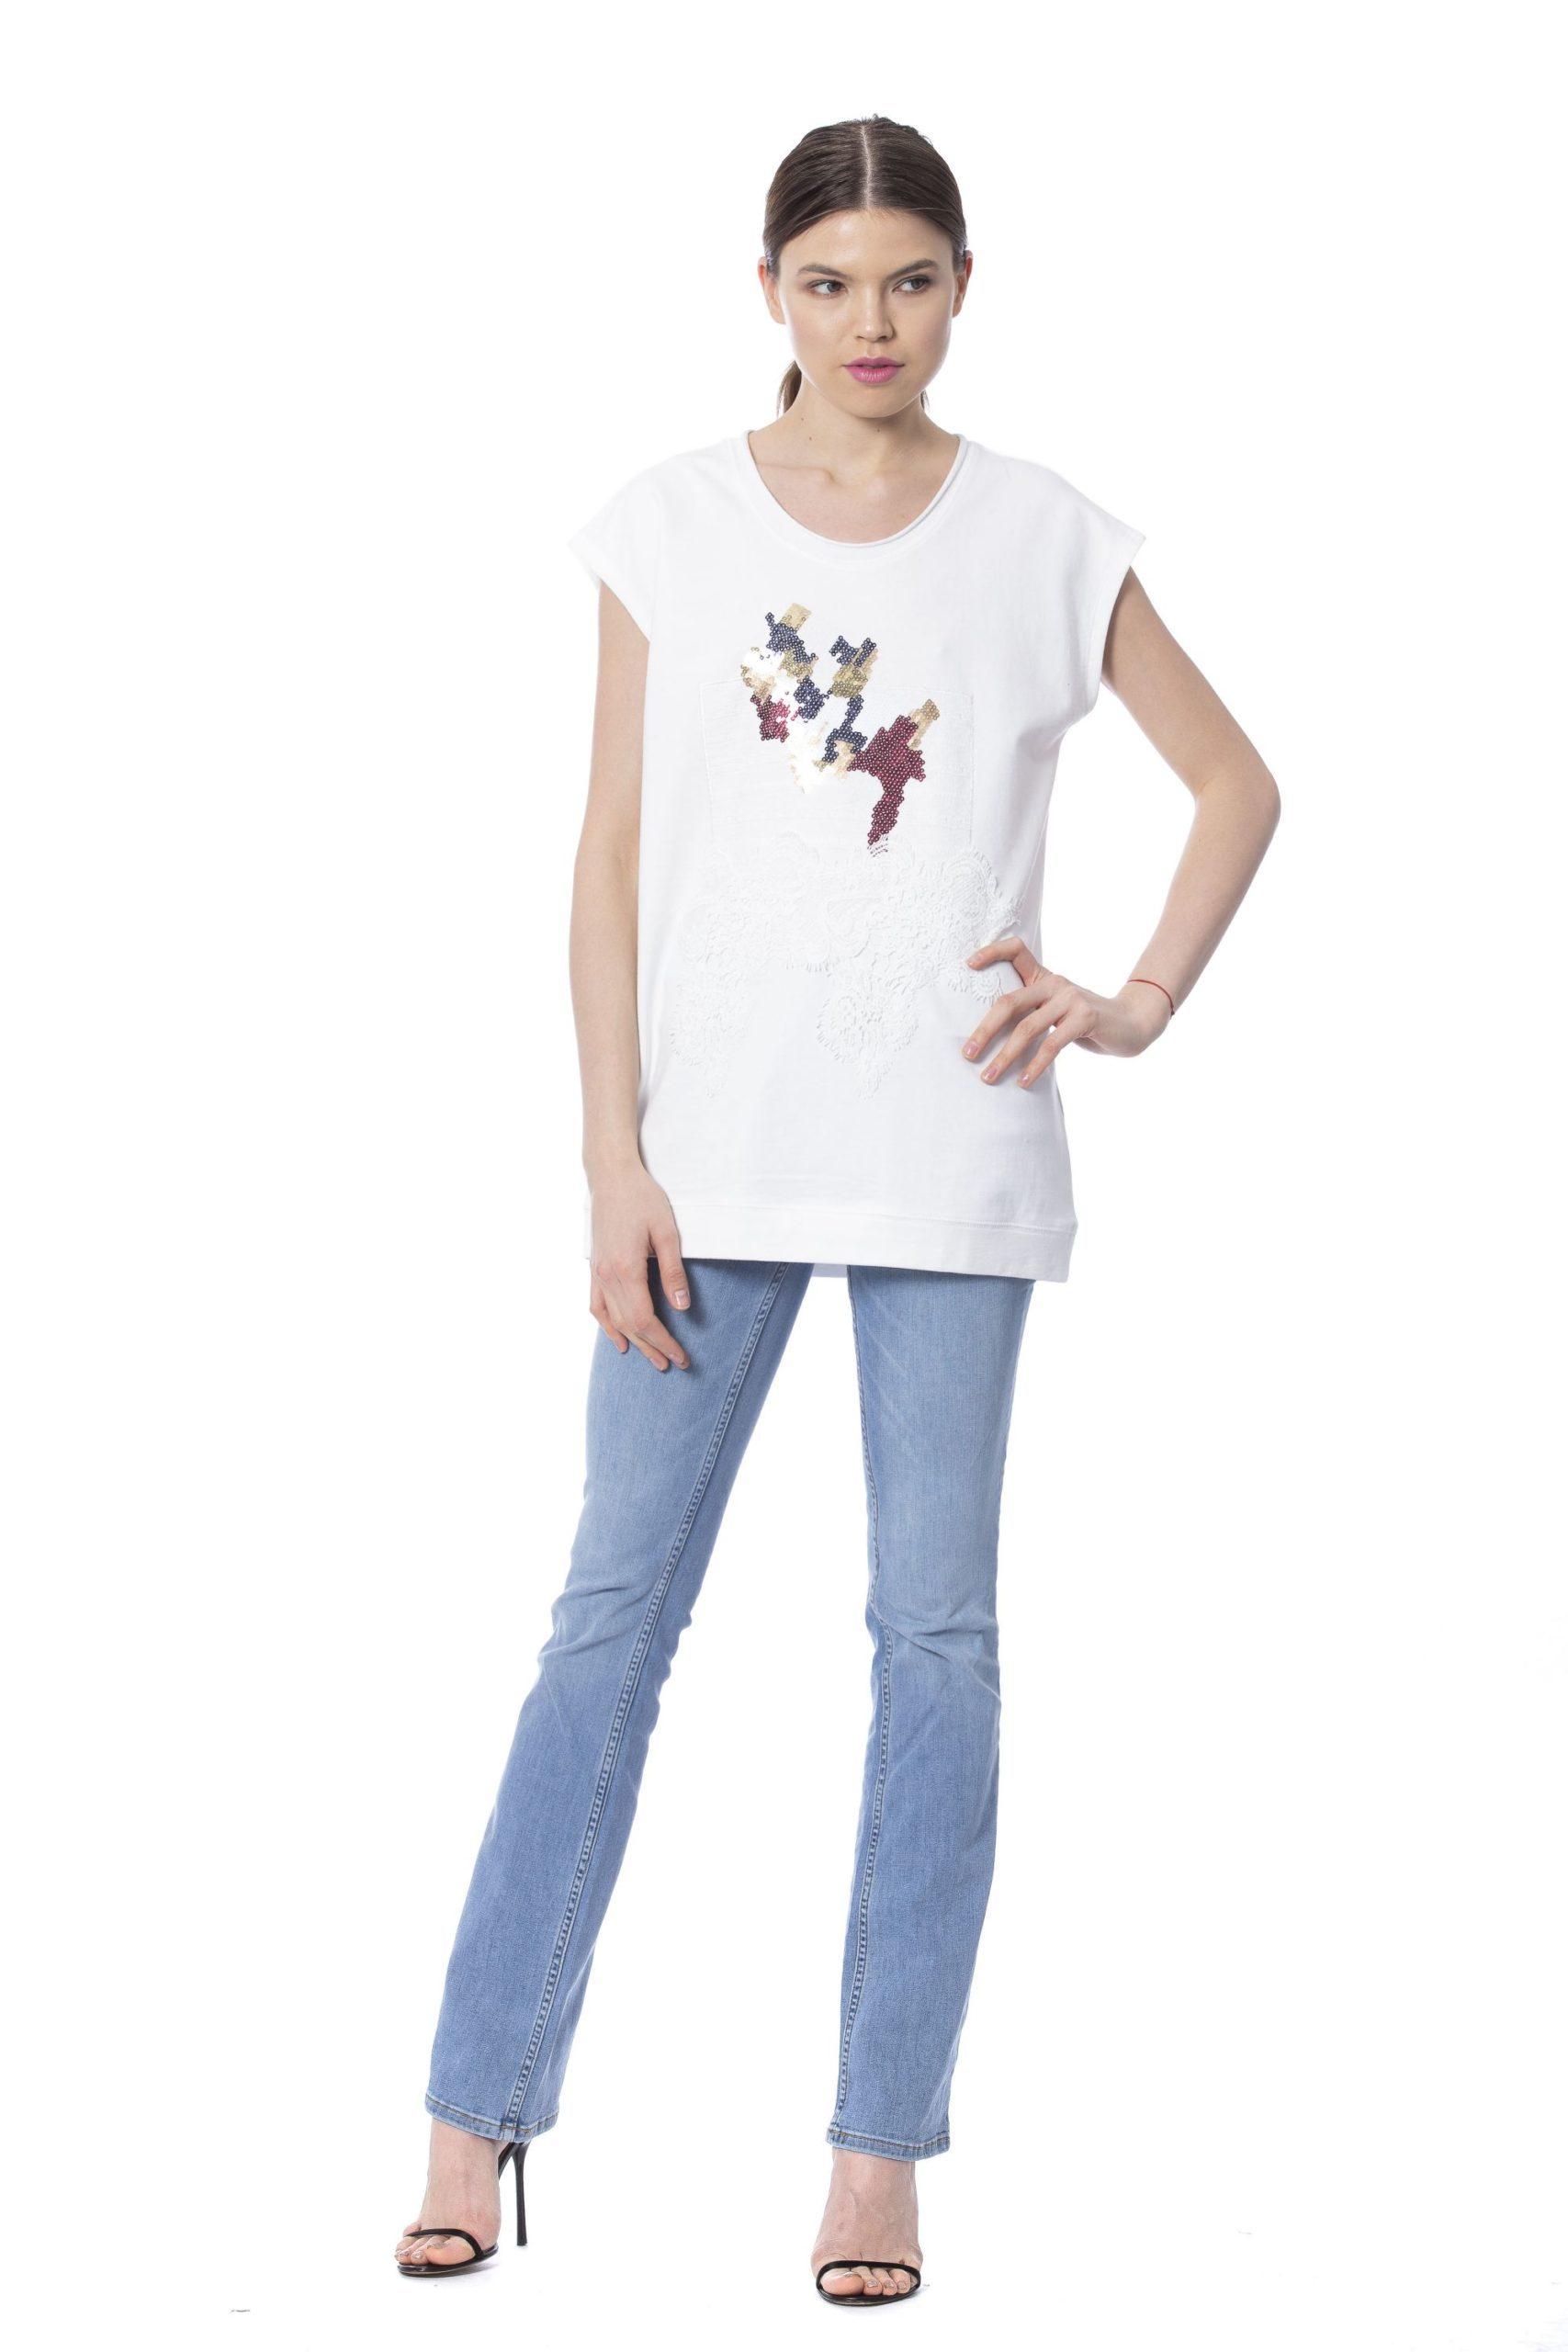 Silvian Heach Women's T-Shirt White SI1235121 - XXS